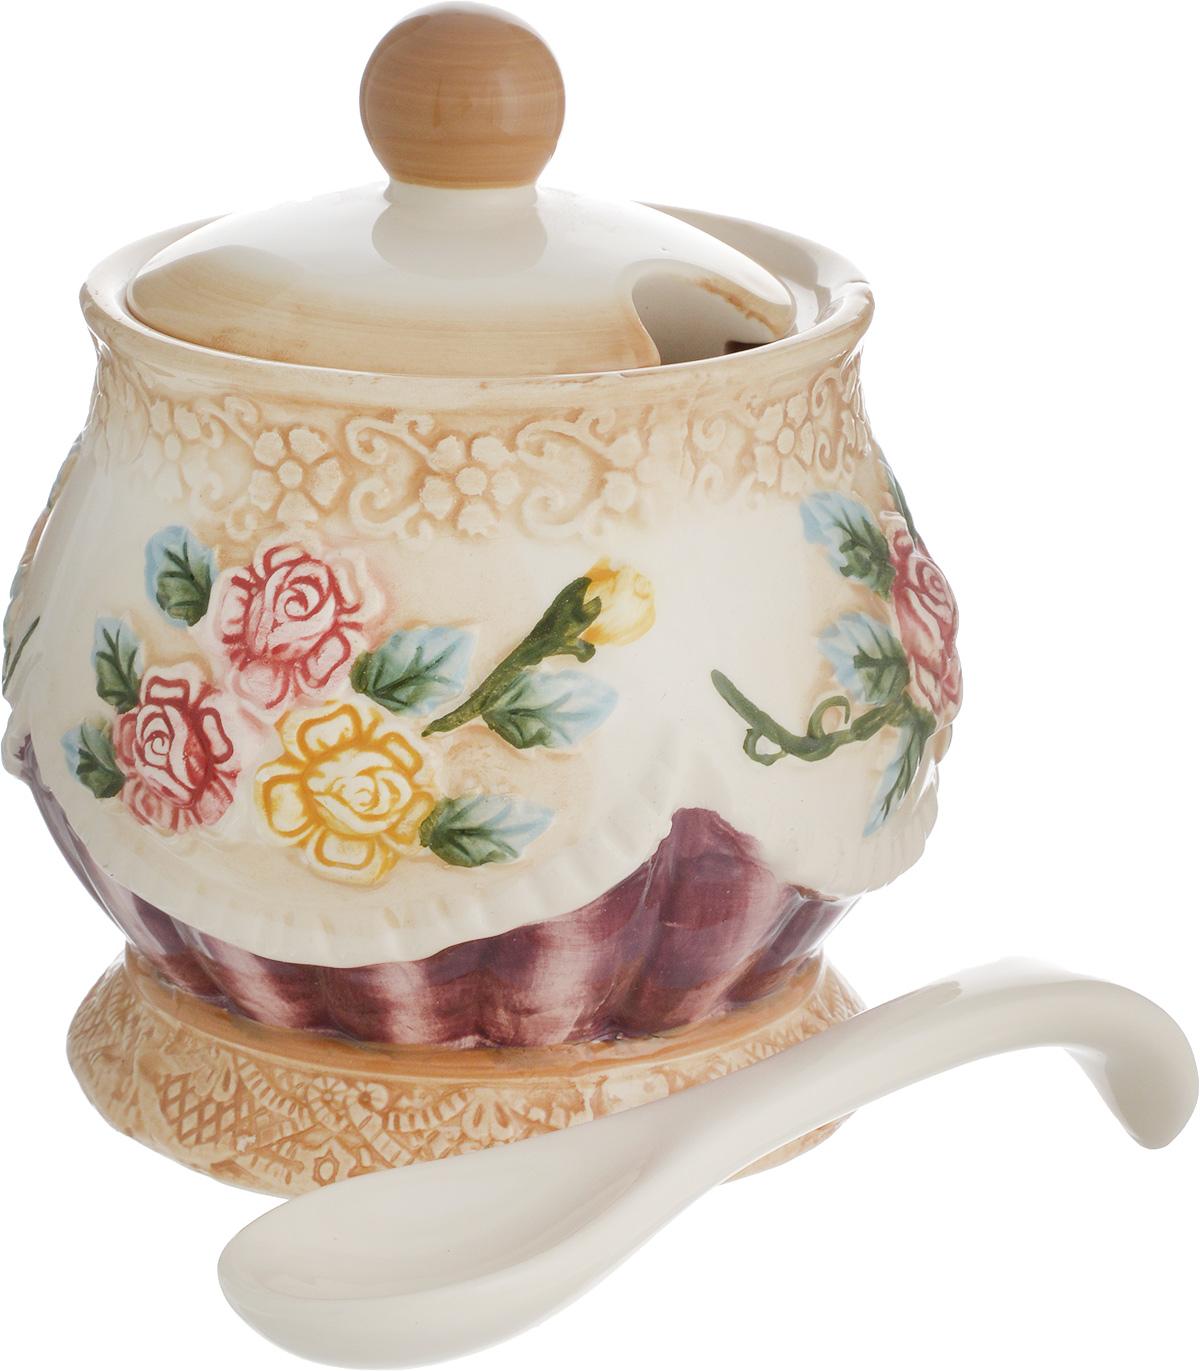 Сахарница Mayer & Boch Розы, с ложкой, 550 мл22440Сахарница Mayer & Boch Розы, изготовленная из высококачественного доломита, украшена цветочным рисунком. В крышке изделия предусмотрено отверстие для ложки (входит в комплект). Такая оригинальная сахарница украсит ваш стол, а также станет отличным подарком.Можно использоваться в микроволновой печи и посудомоечной машине.Диаметр сахарницы (по верхнему краю): 9,5 см.Диаметр основания: 10 см. Высота сахарницы (без учета крышки): 11,5 см. Высота сахарницы (с учетом крышки): 13,5 см. Длина ложки: 13 см.